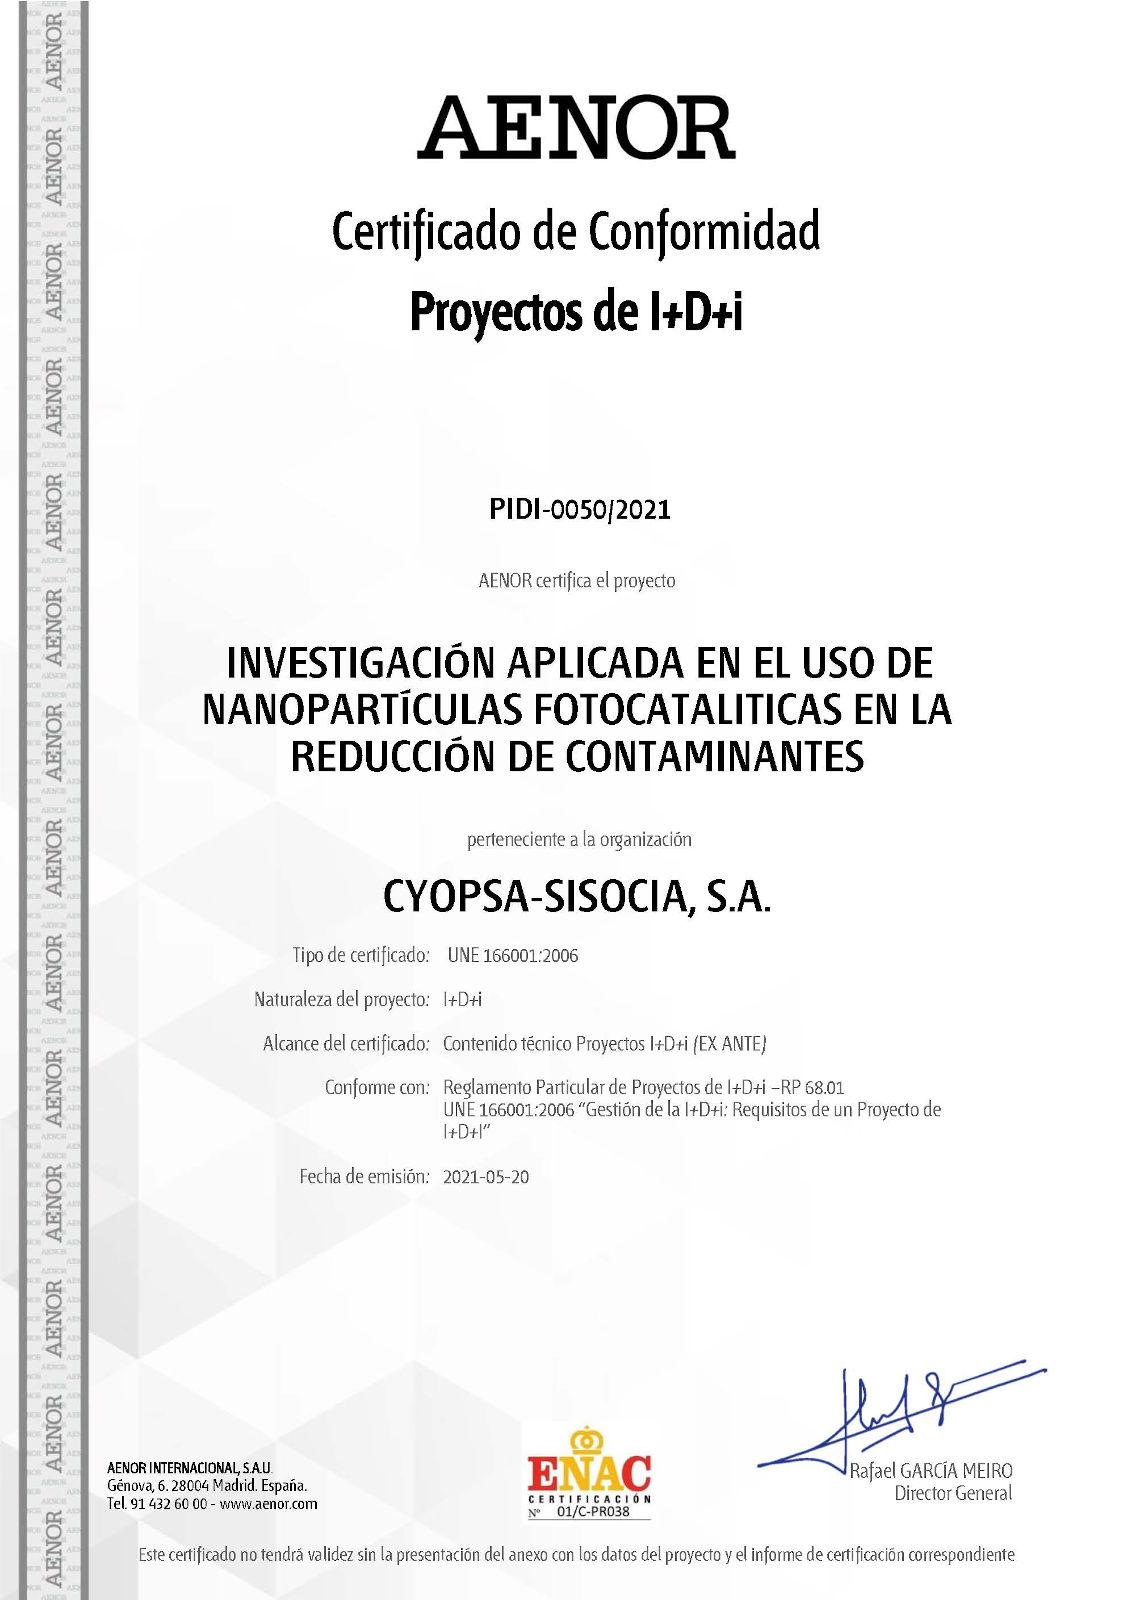 Cyopsa-Sisocia consigue el certificado ex-ante AENOR para un proyecto de investigación aplicada a la carretera